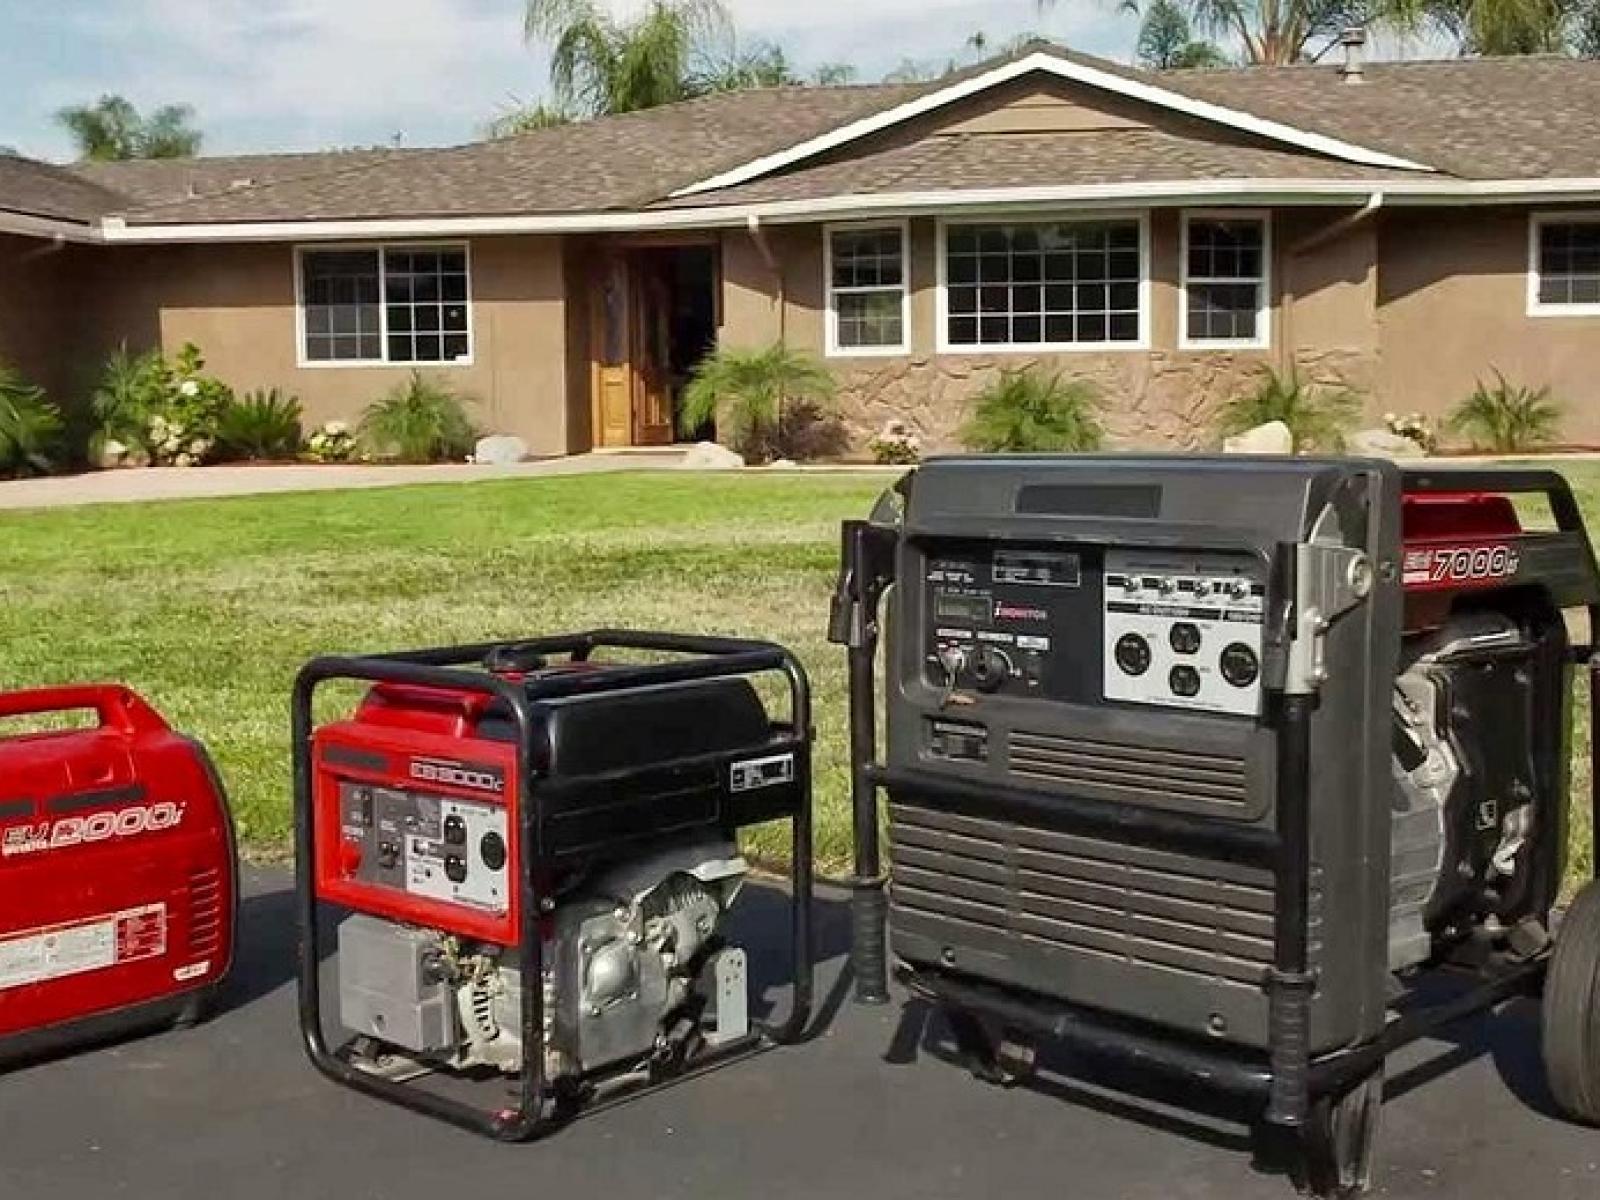 Какой генератор экономнее? Считаем расход топлива электростанции